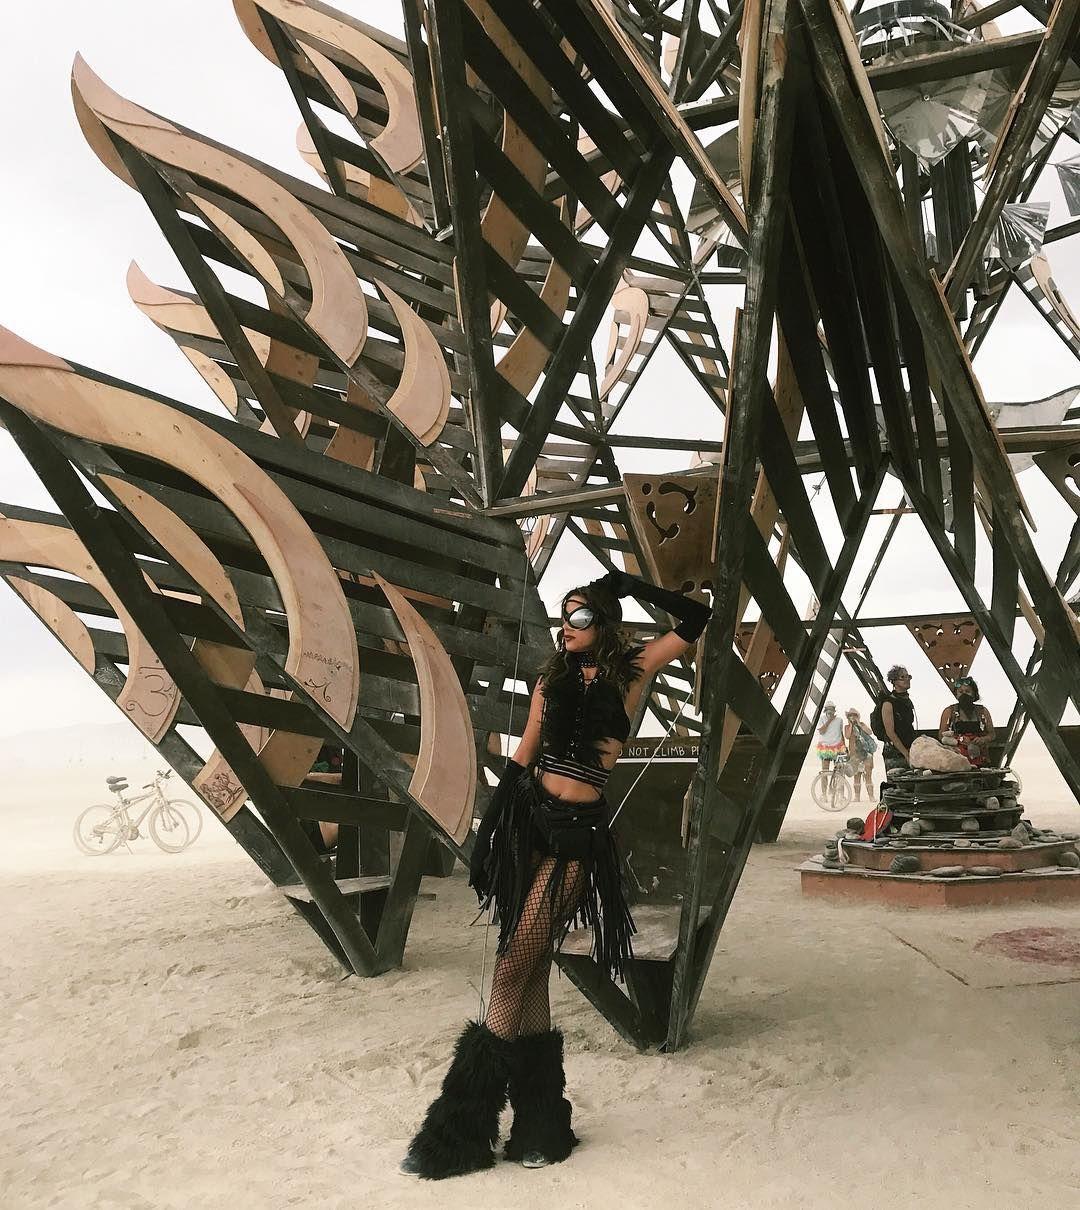 Пилюка, голі тіла та сучасне мистецтво: круті фото з фестивалю Burning Man 2017 - фото 336391